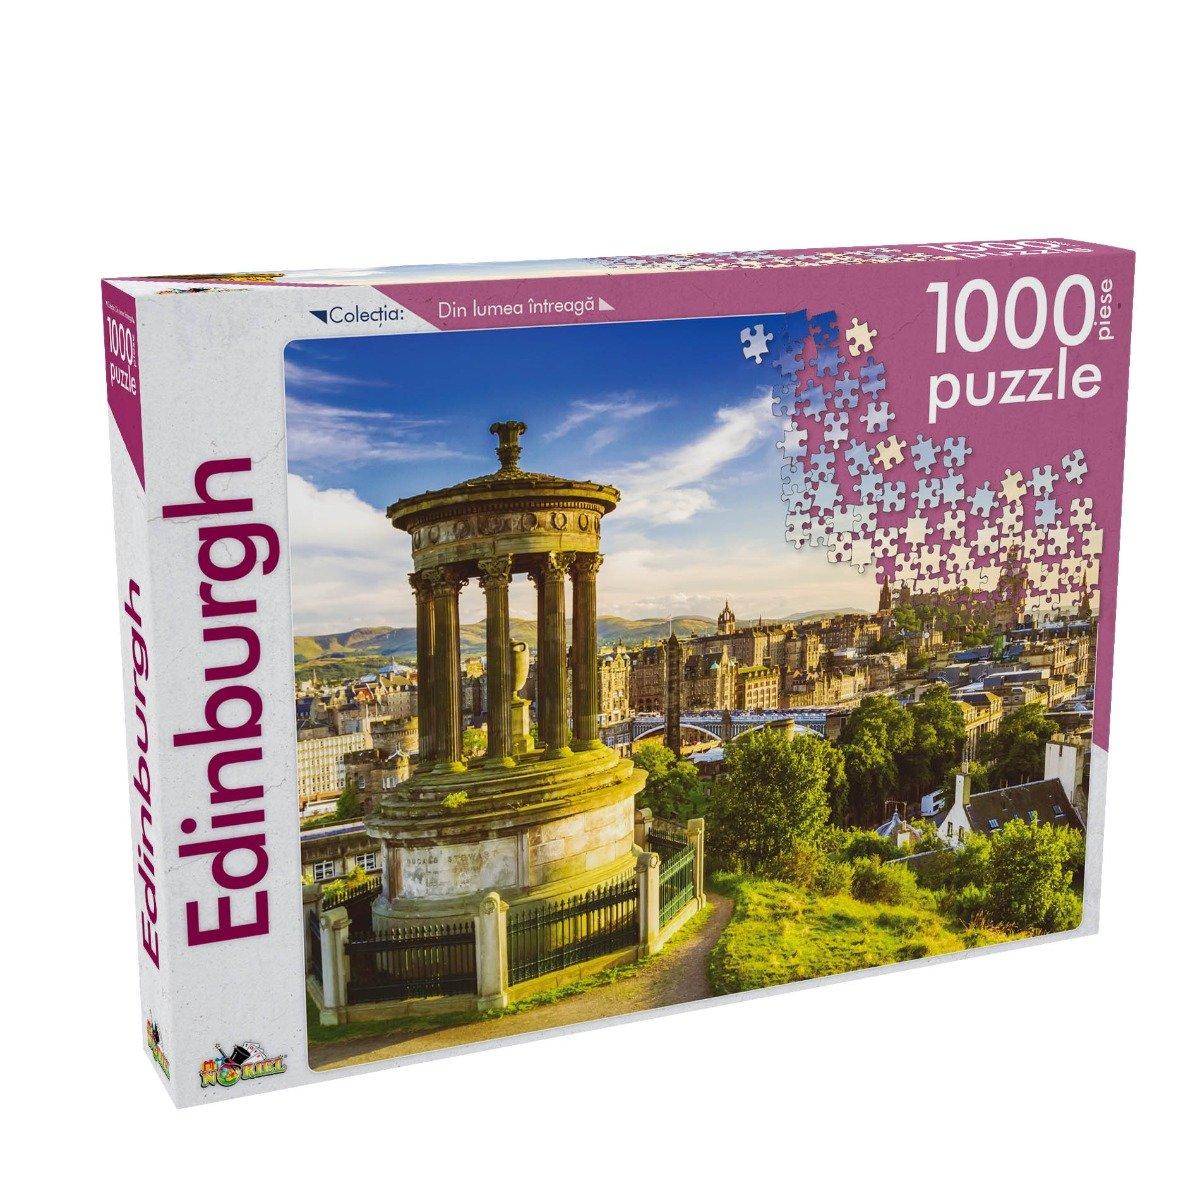 Puzzle Noriel - Din lumea intreaga - Edinburgh, 1000 Piese imagine 2021